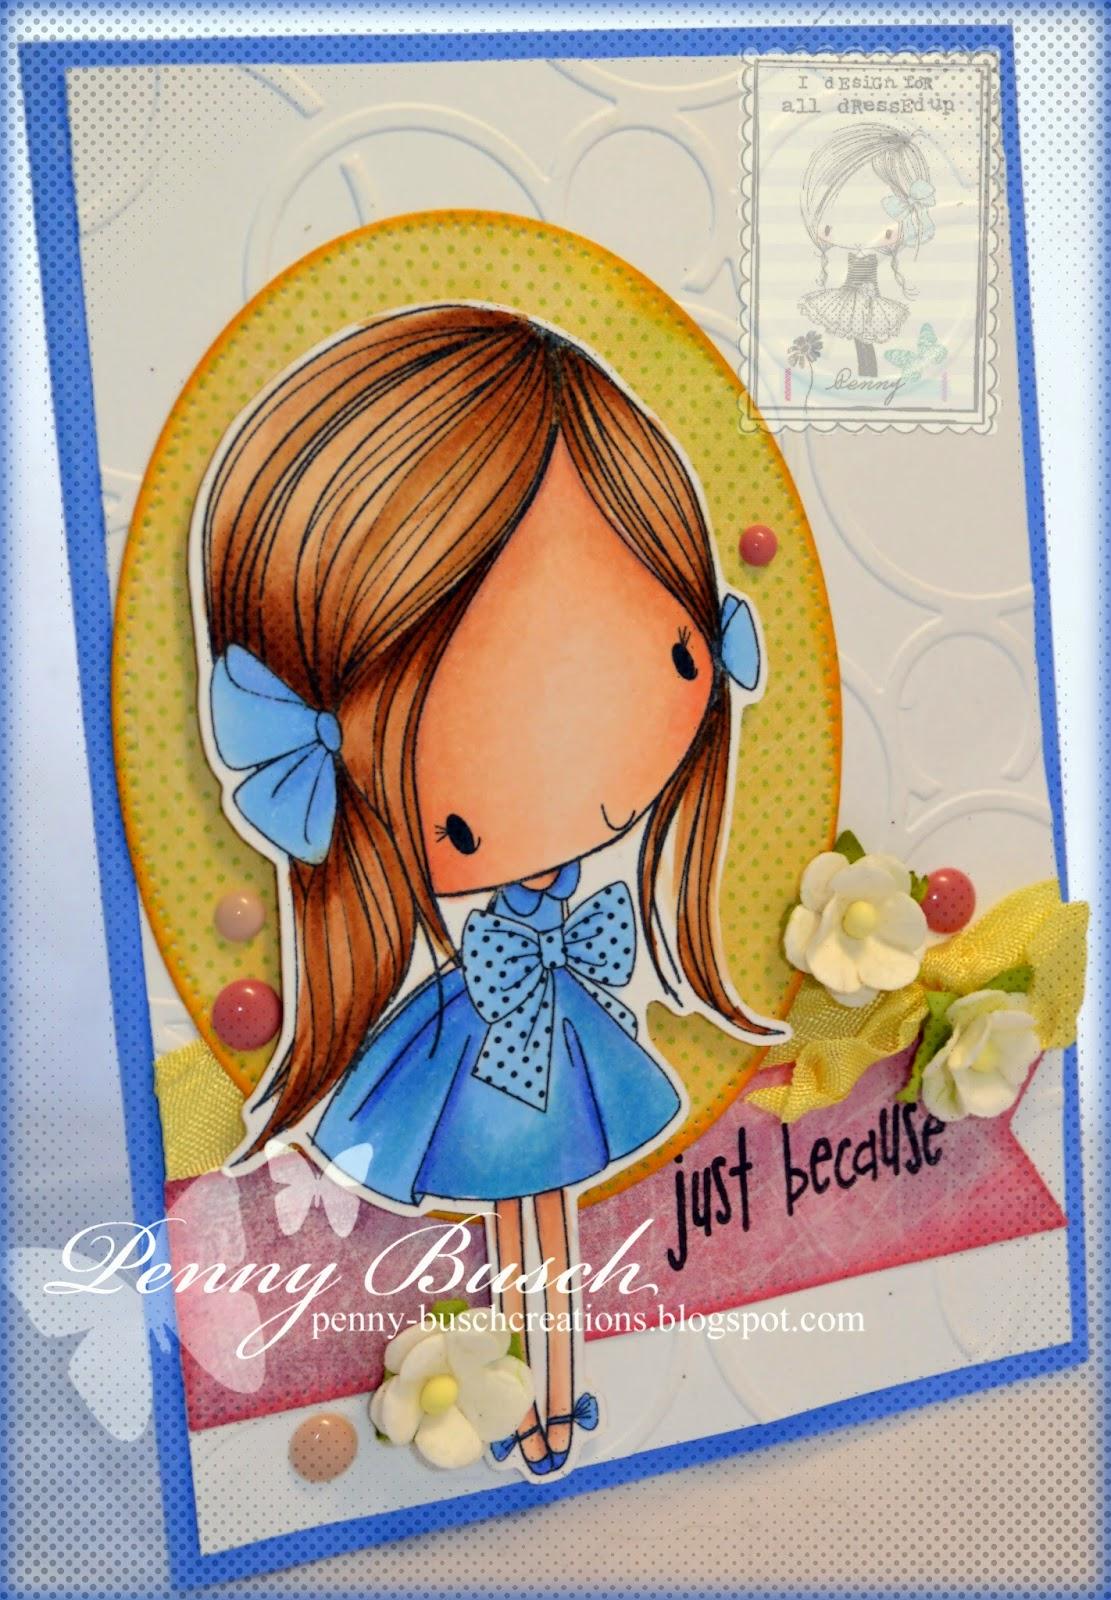 http://4.bp.blogspot.com/-TjCzdHdk5rs/VJI4QI5dZuI/AAAAAAAADUo/YuKDBfxZHek/s1600/DSC_1140.jpg